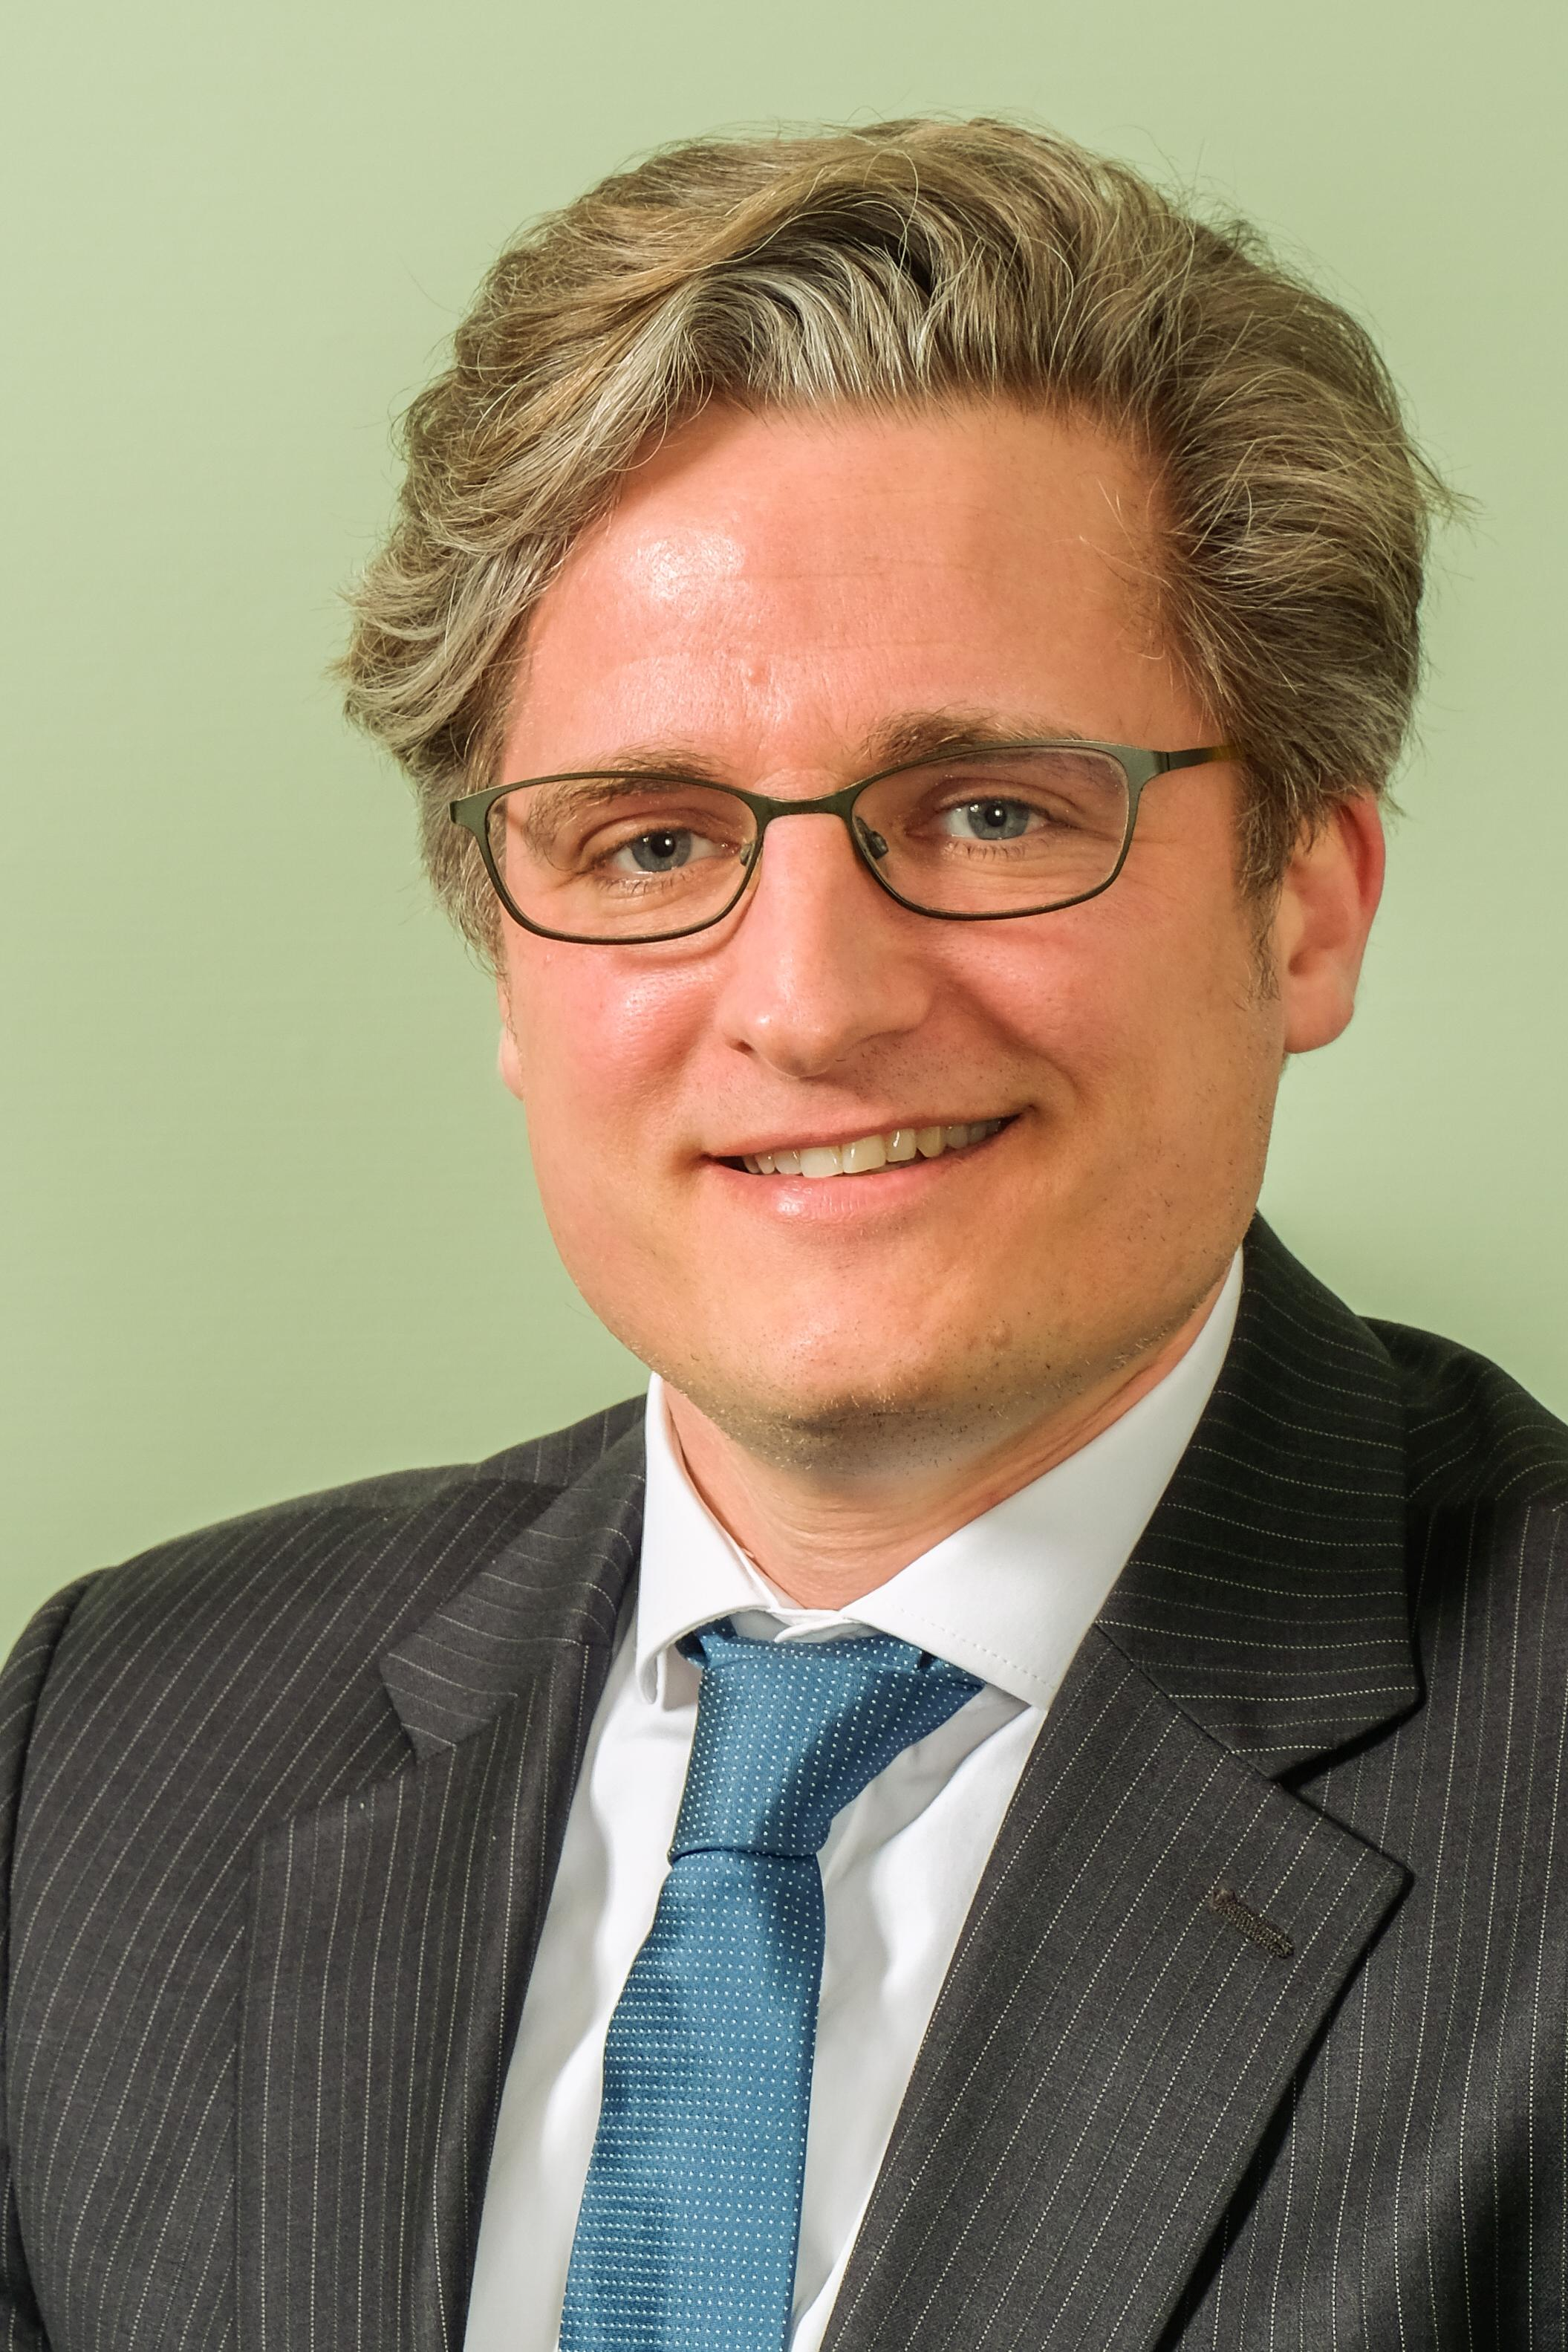 Wethouder Antoine Tromp heeft corona: college van Bergen werkt thuis en komt niet naar de Algemene Raadscommissie